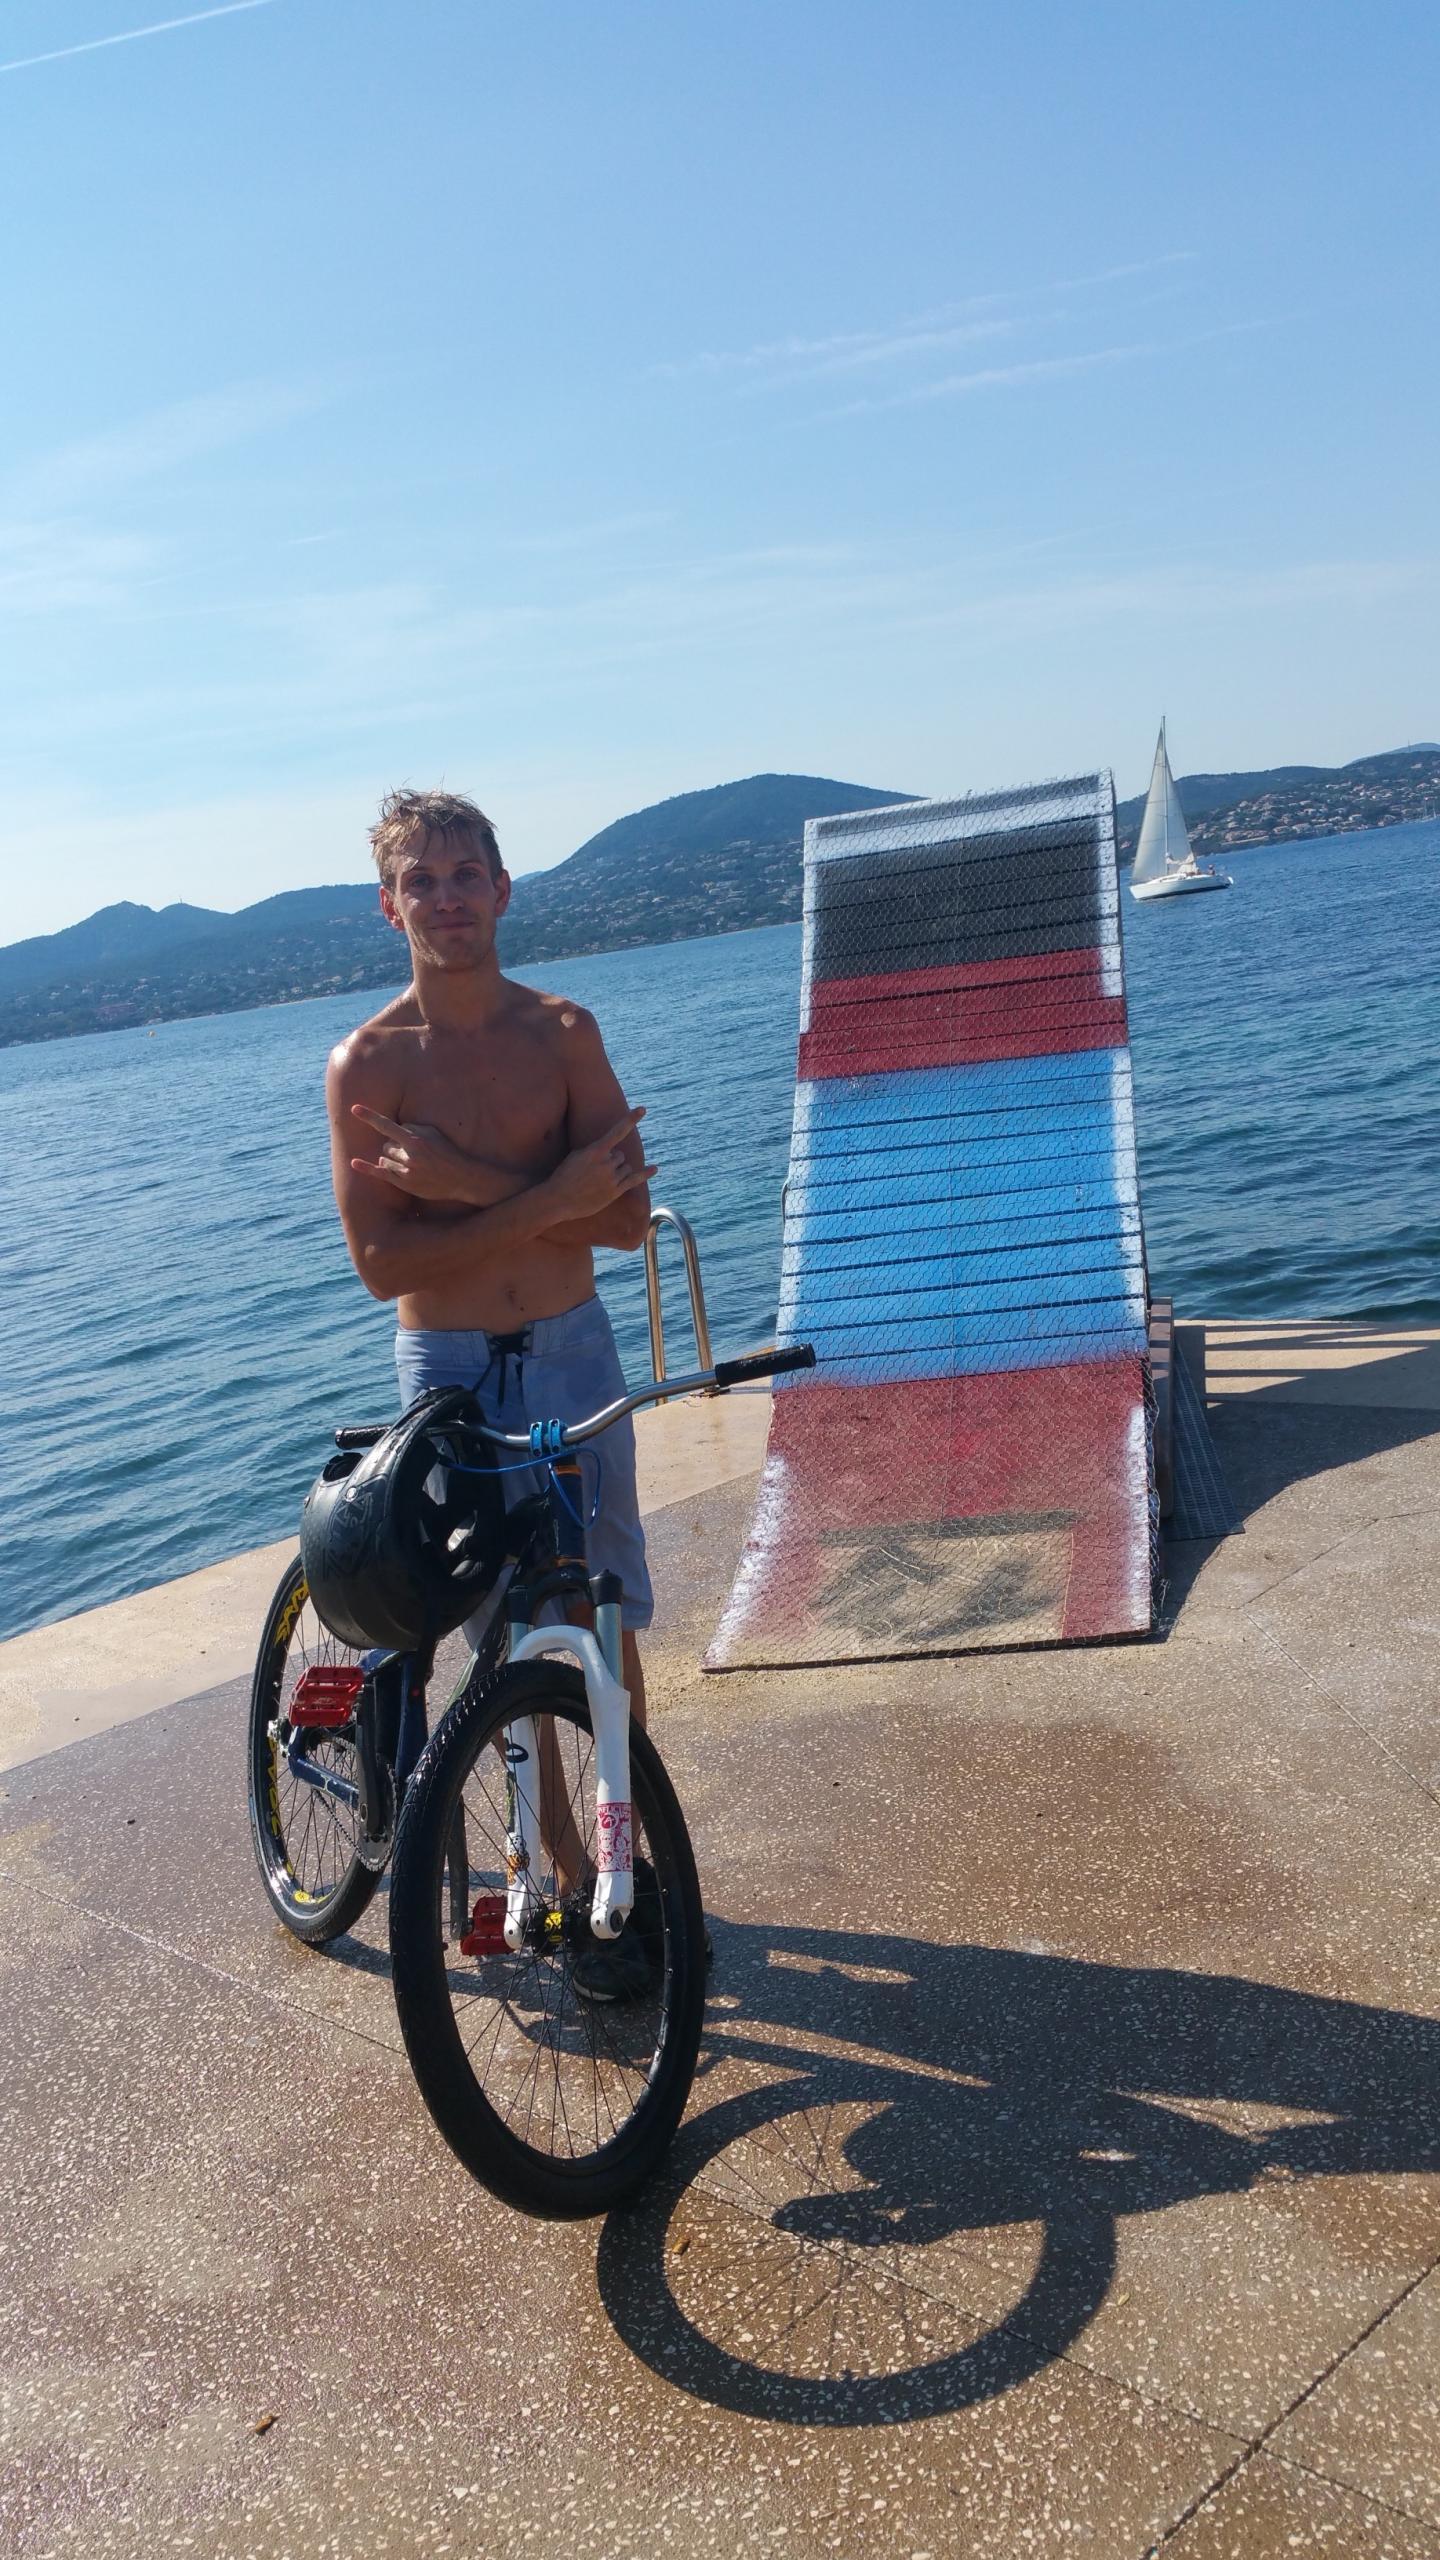 Christopher Dufroy s'entraîne à Saint-Tropez pour sa prochaine compétition